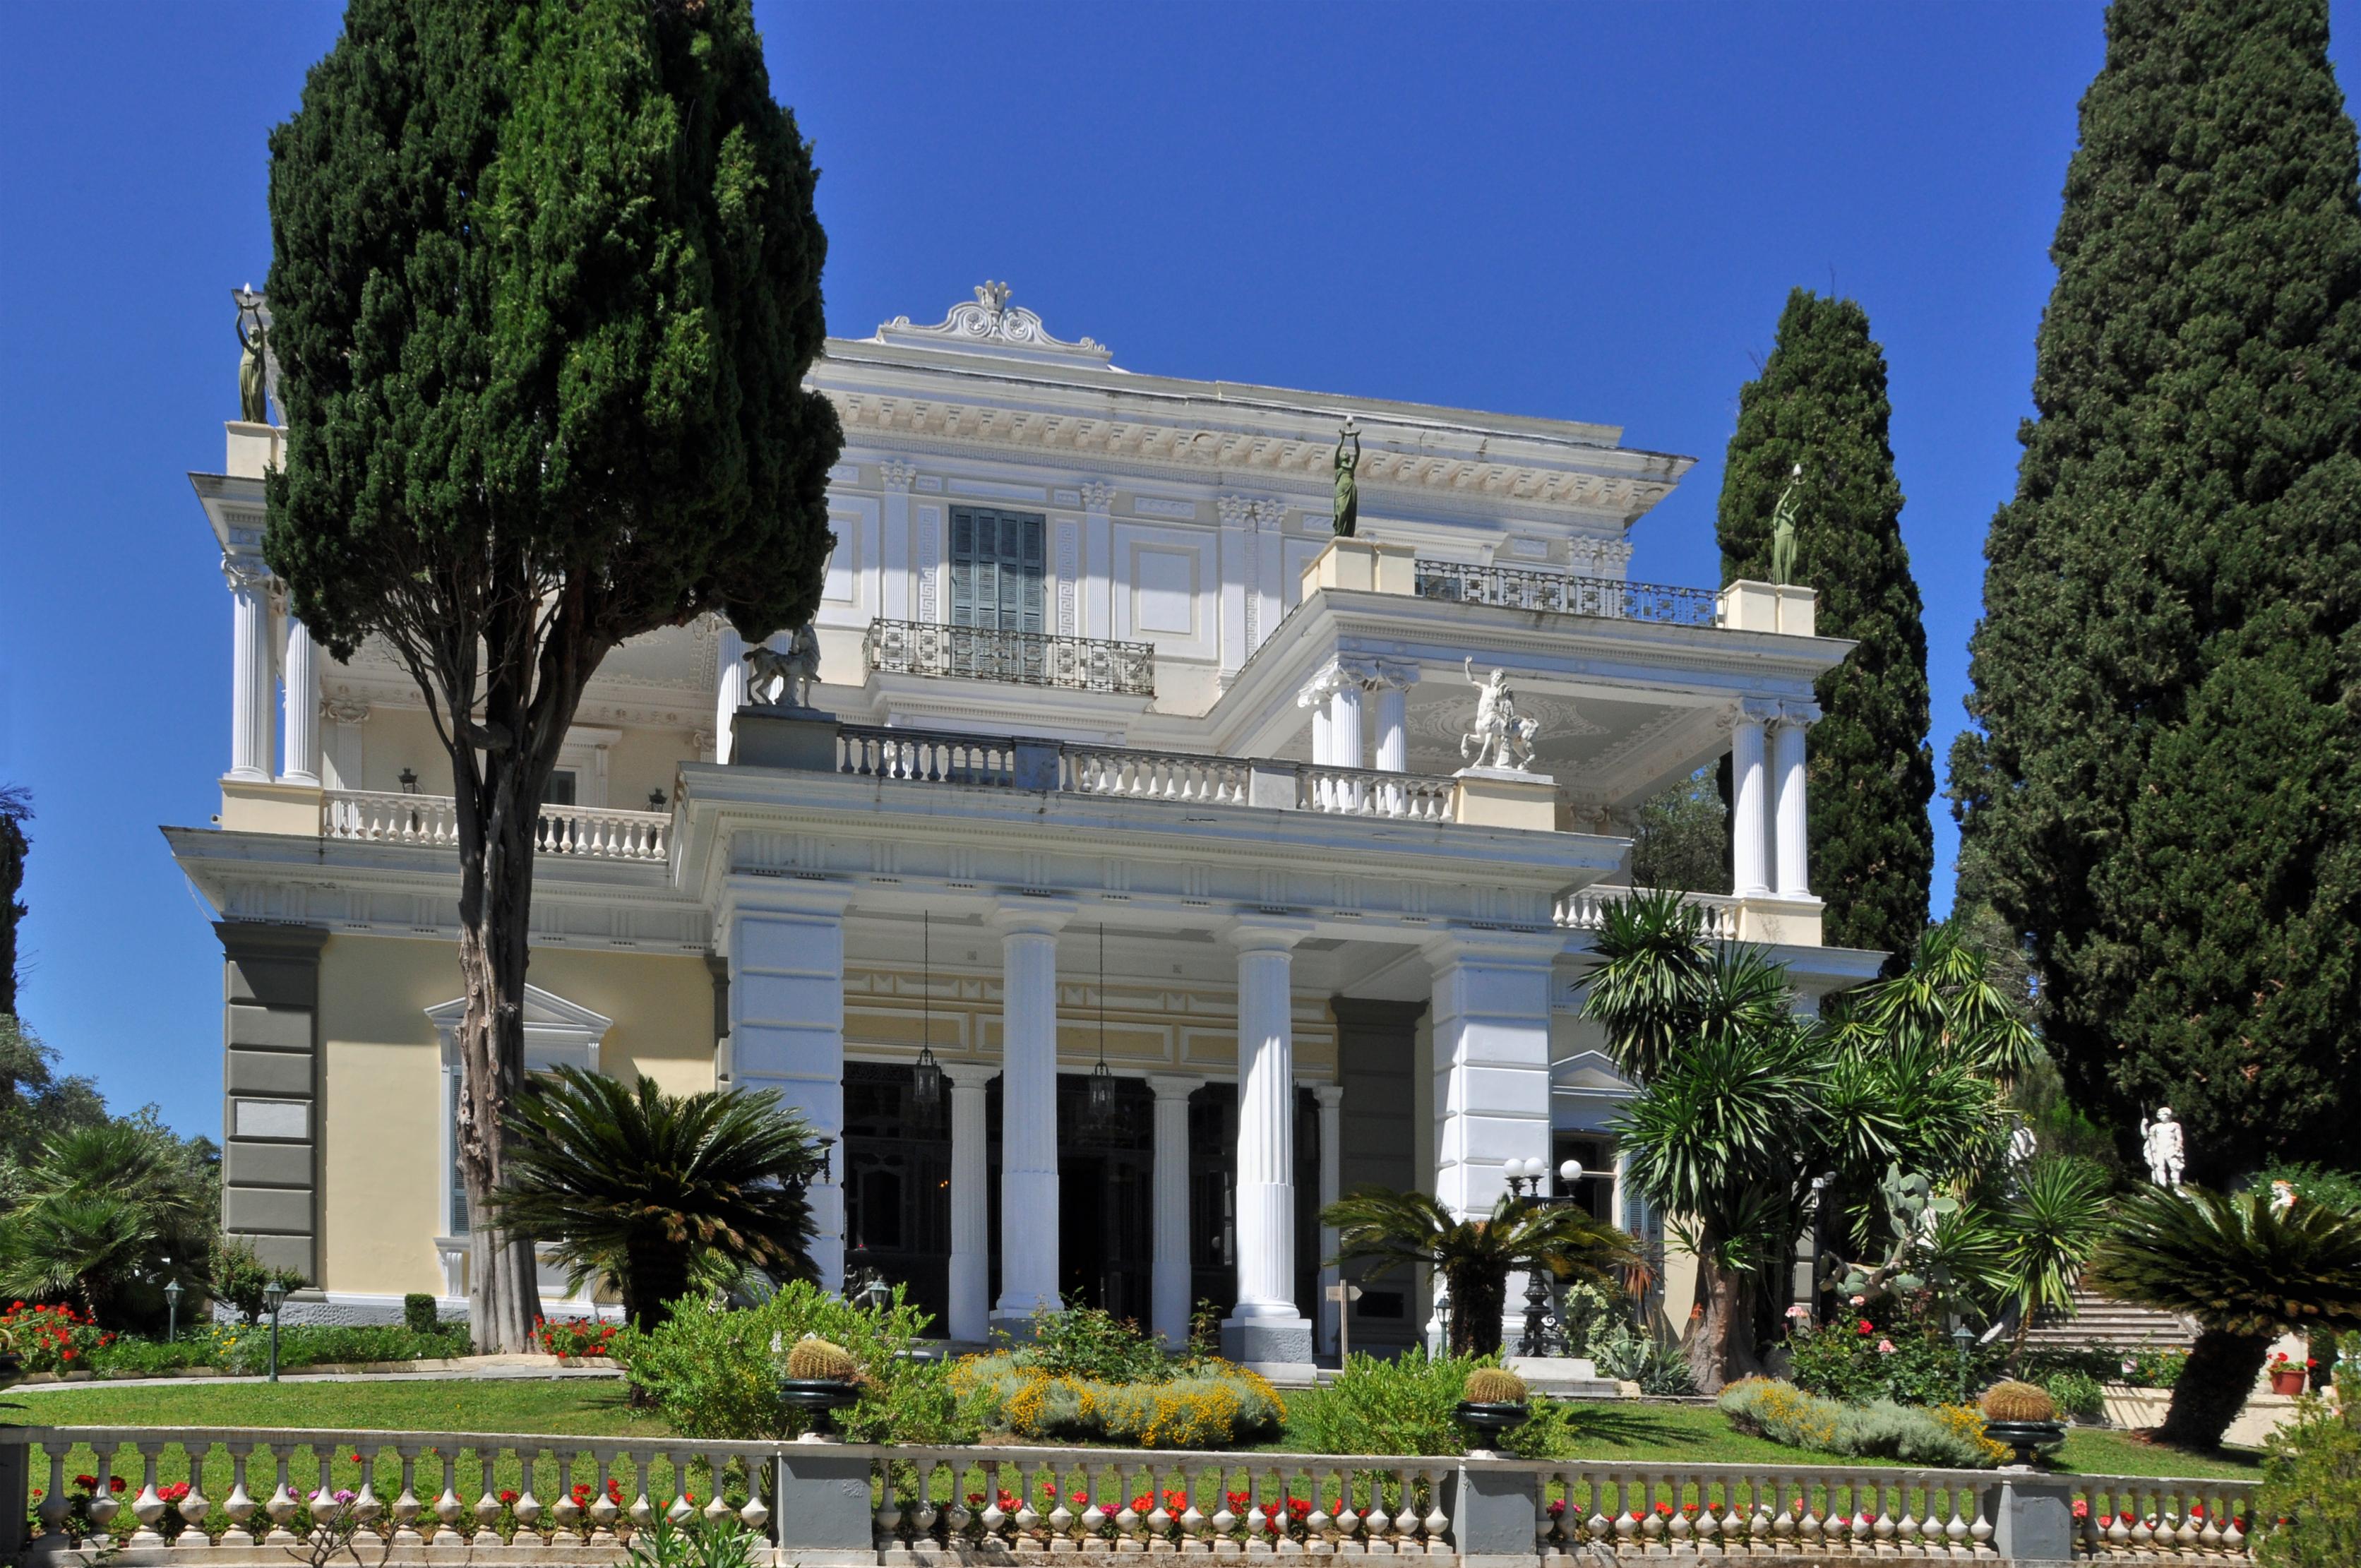 Prezzo Villa D Estre